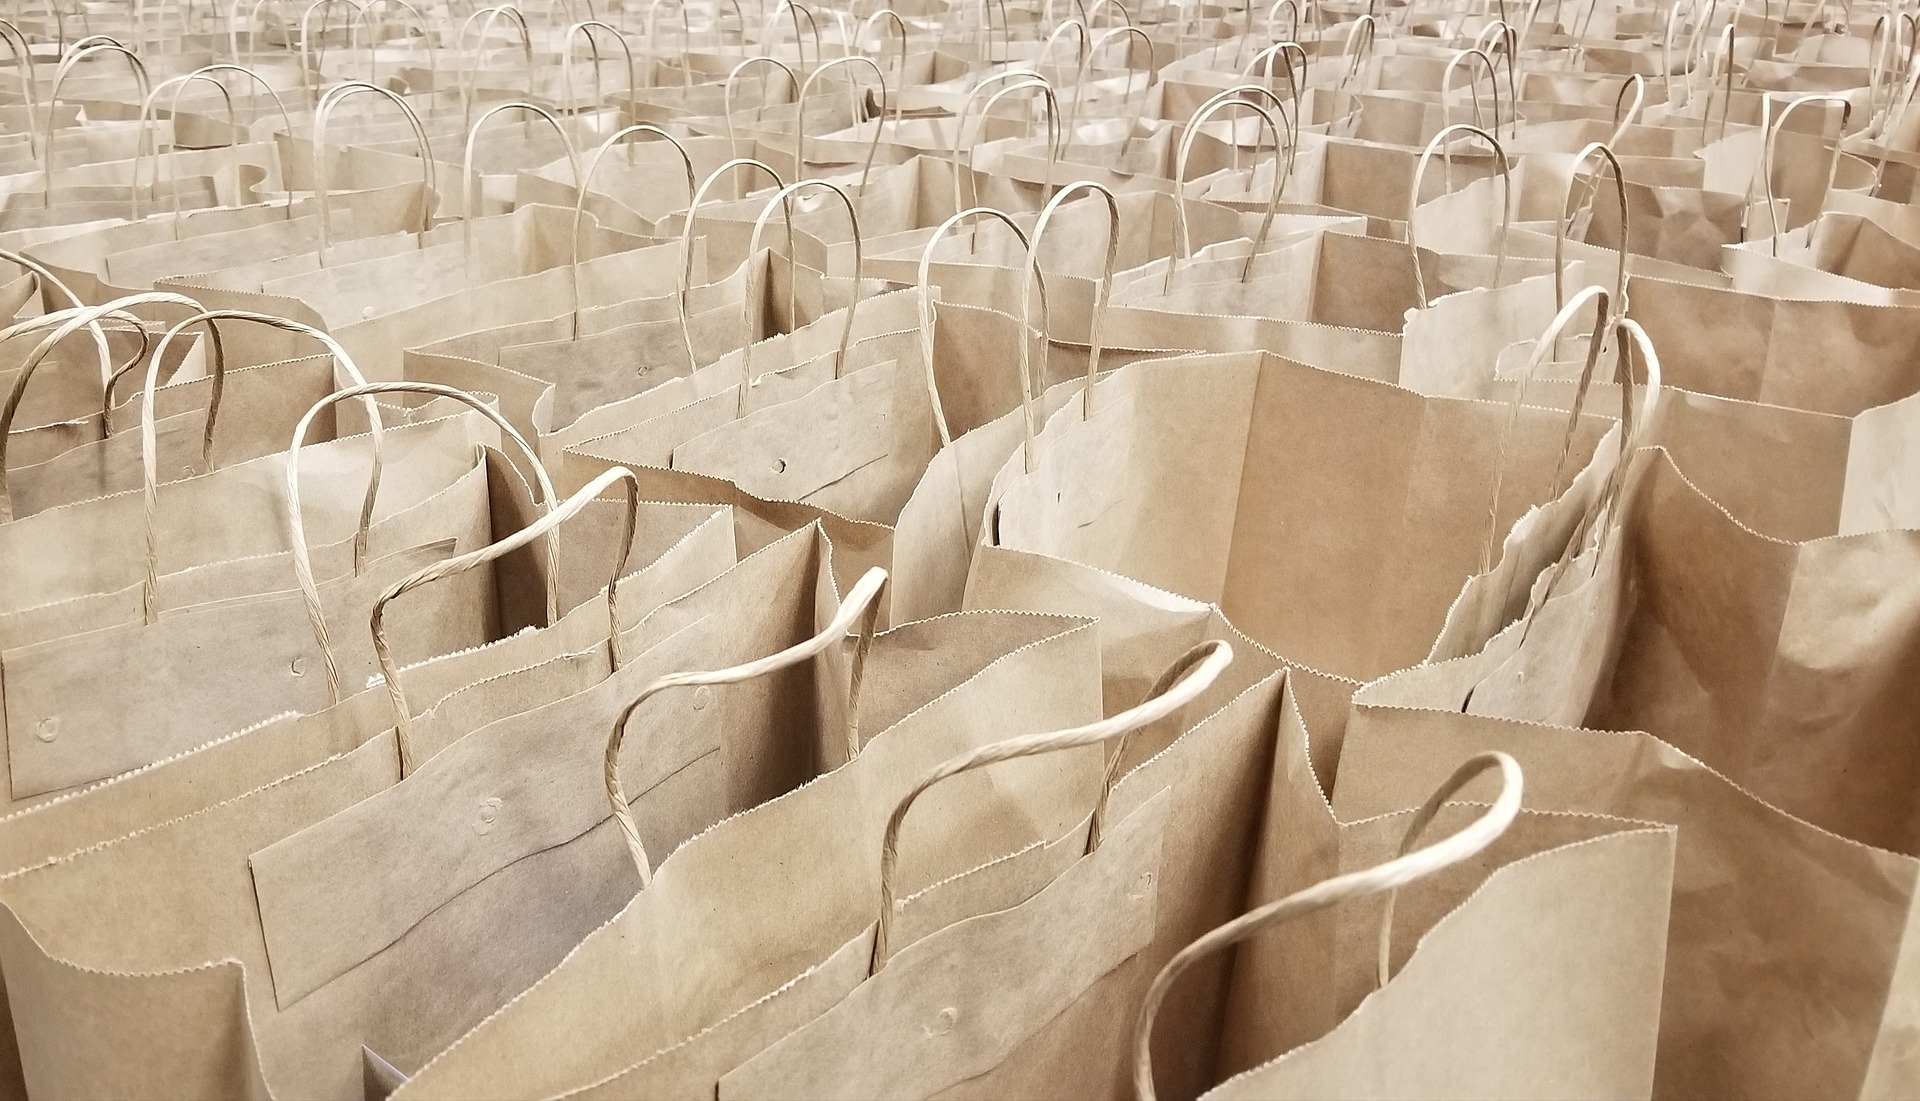 las bolsas de cartón fueron el primer packaging semiflexible